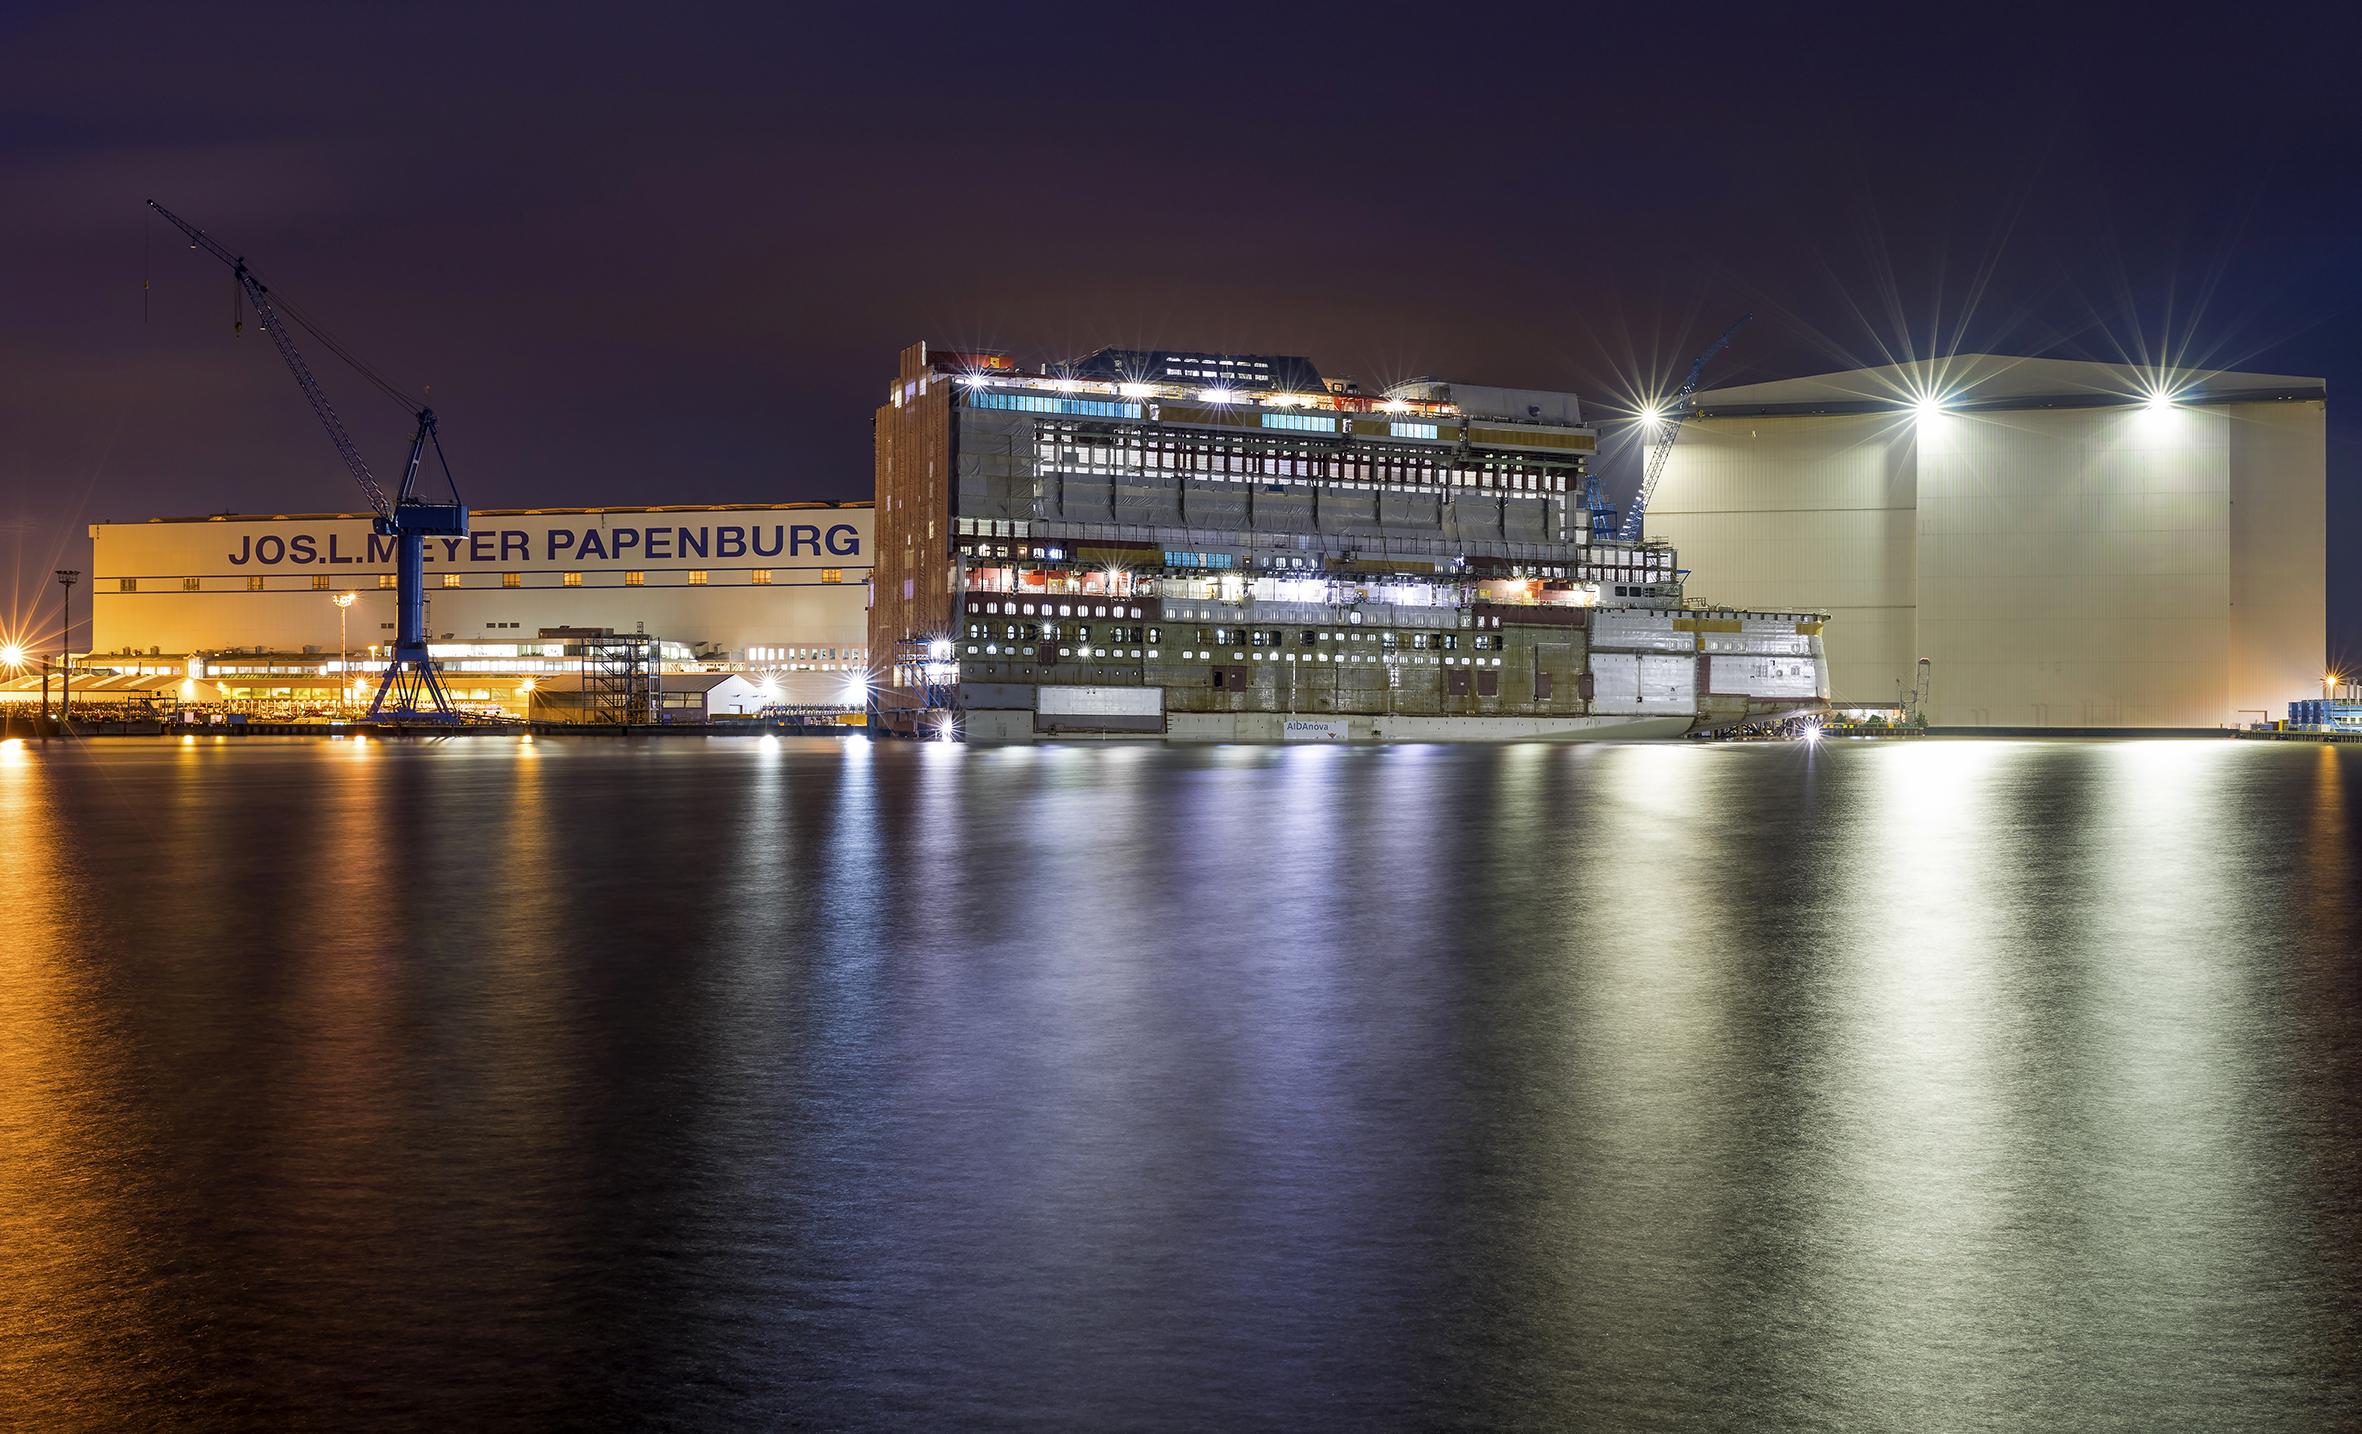 Die Meyer Werft in Papenburg hat als Reaktion auf die durch das Corona-Virus bedingte Auftragsflaute für sechs Wochen die Arbeit eingestellt